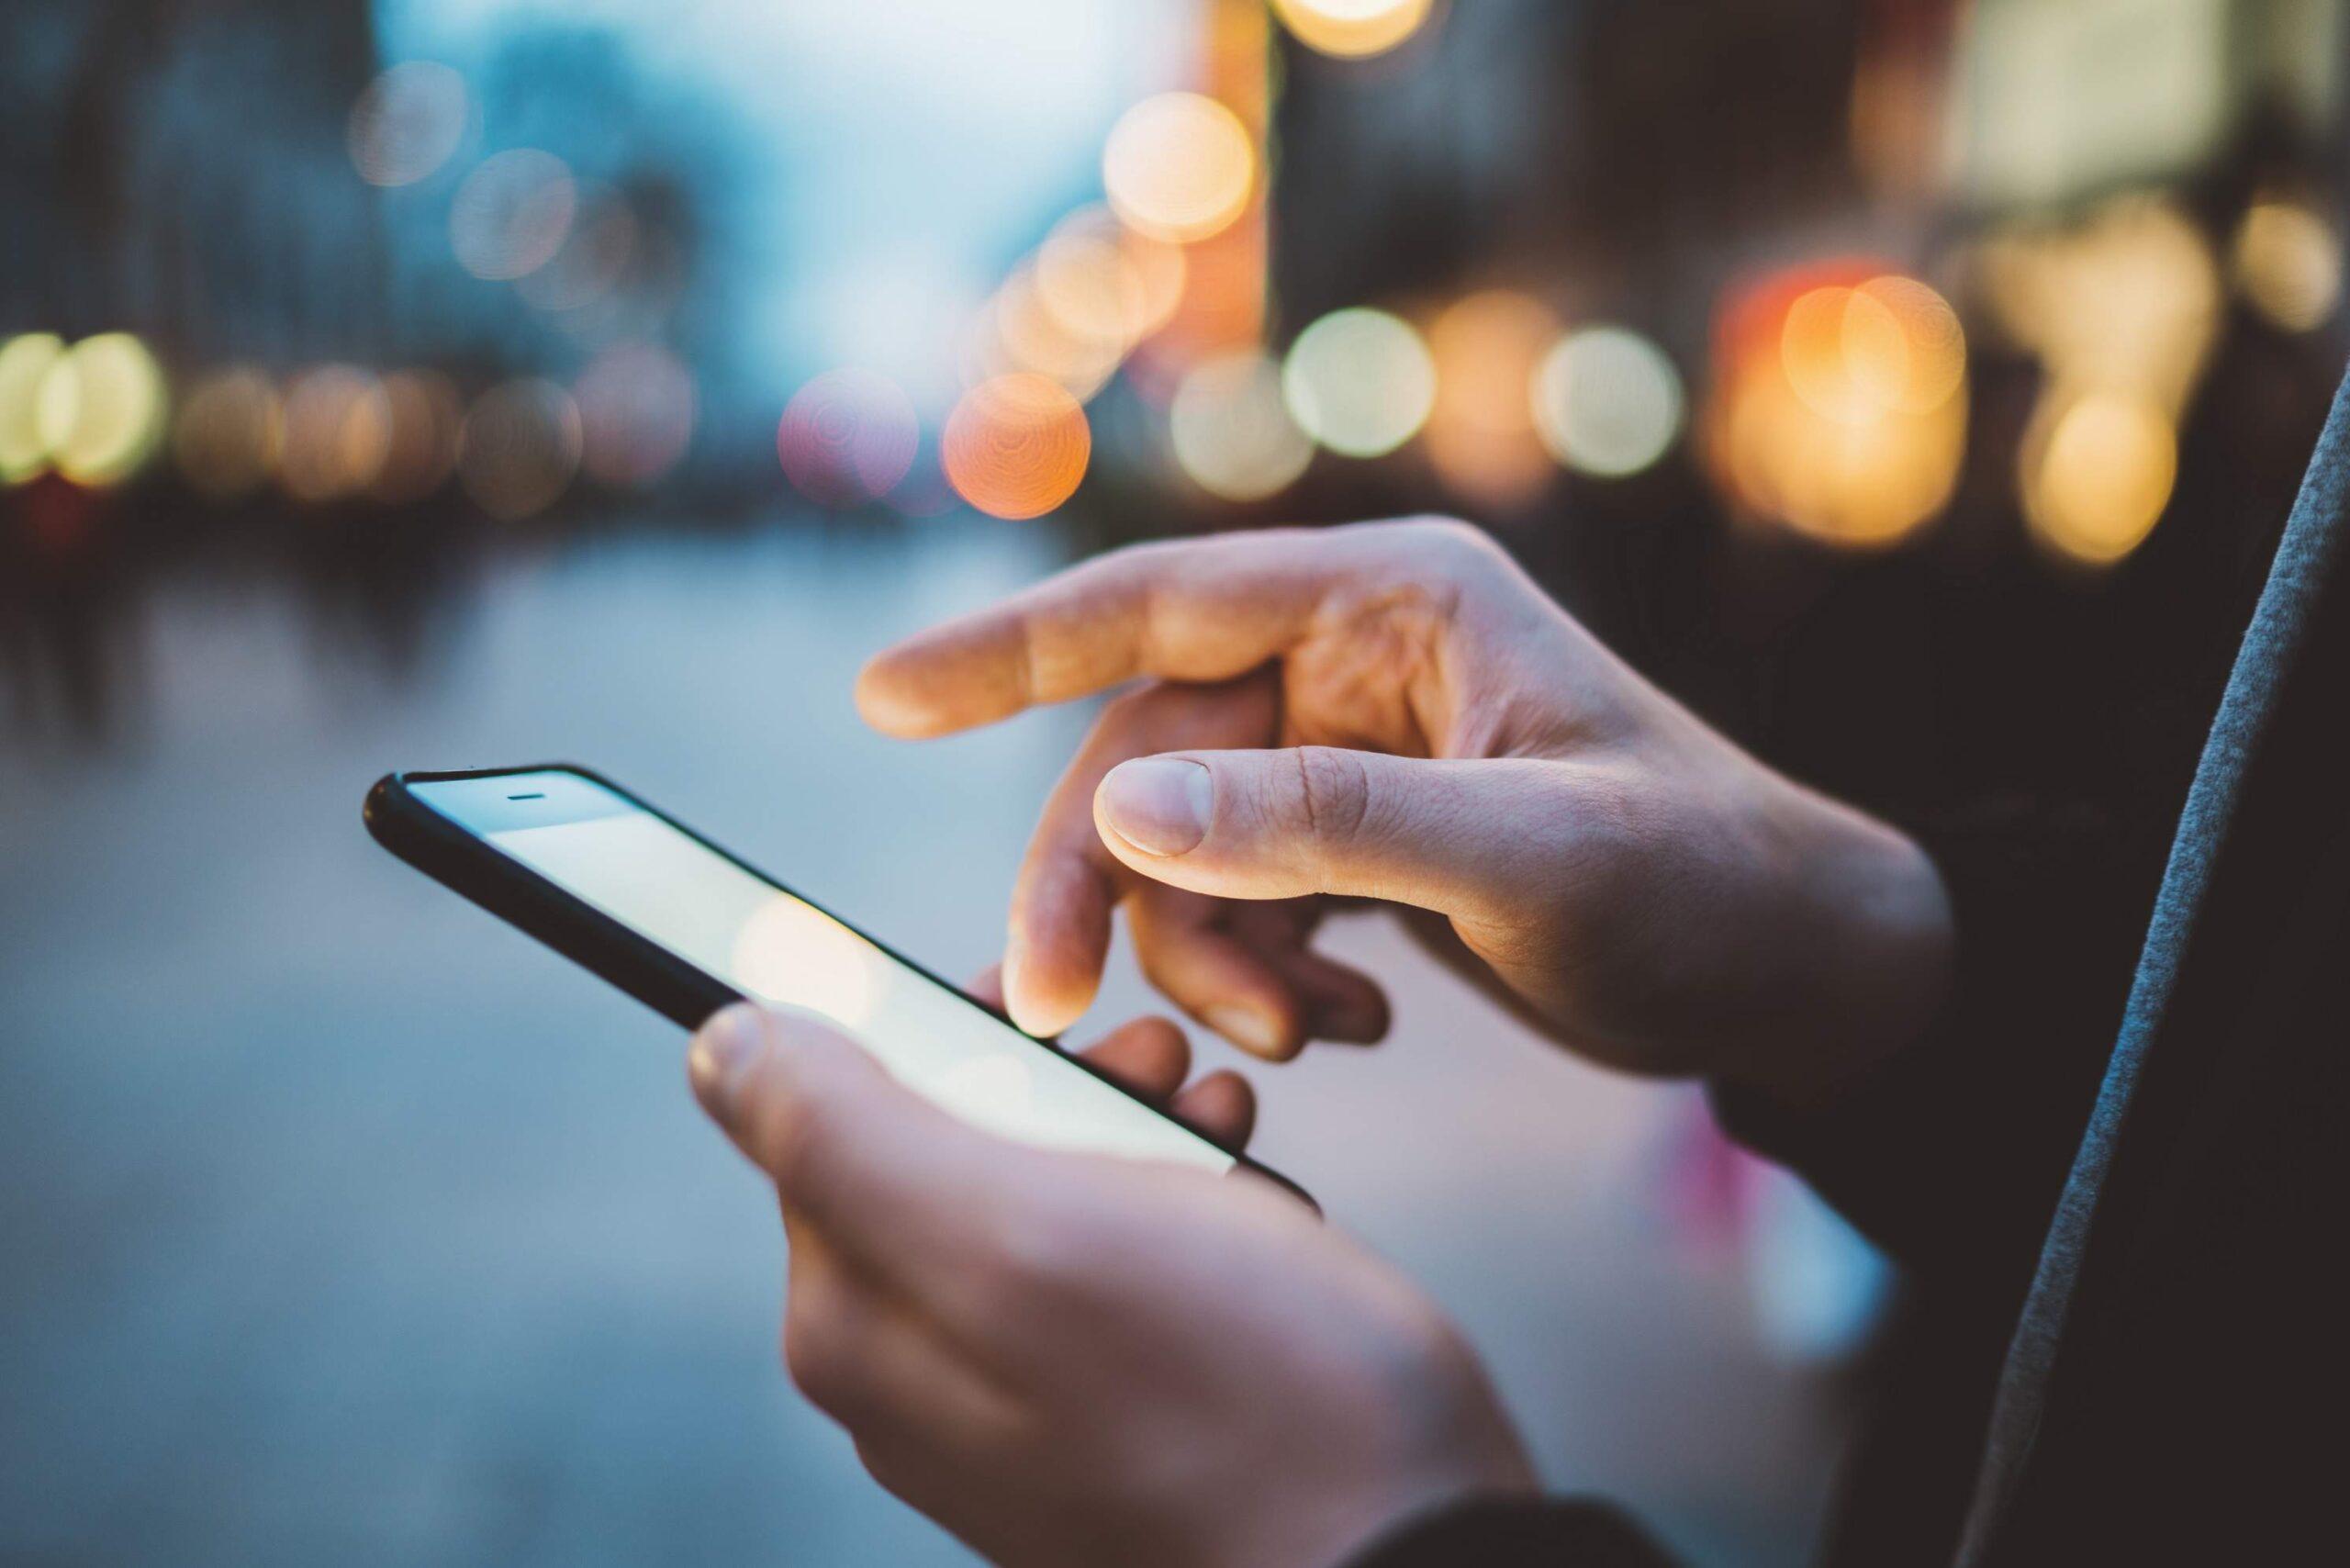 Telefonunuz Iliskinizi Mahvediyor Olabilir